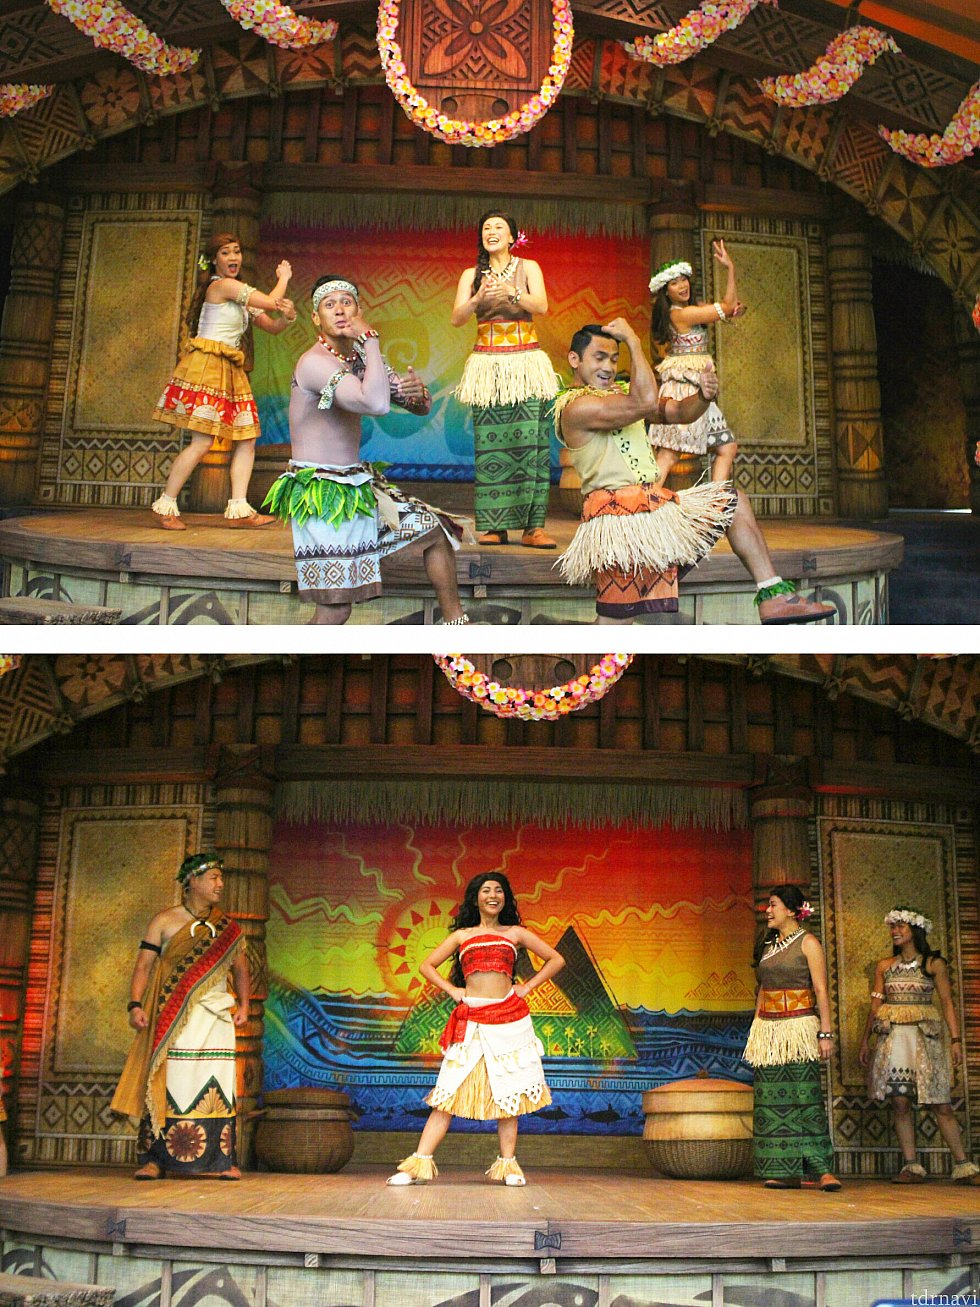 モトゥヌイの民らしい衣装で踊る村人たち、そして彼らに呼ばれて現れたのが主役のモアナ!ダンスがカッコいいので注目してください。